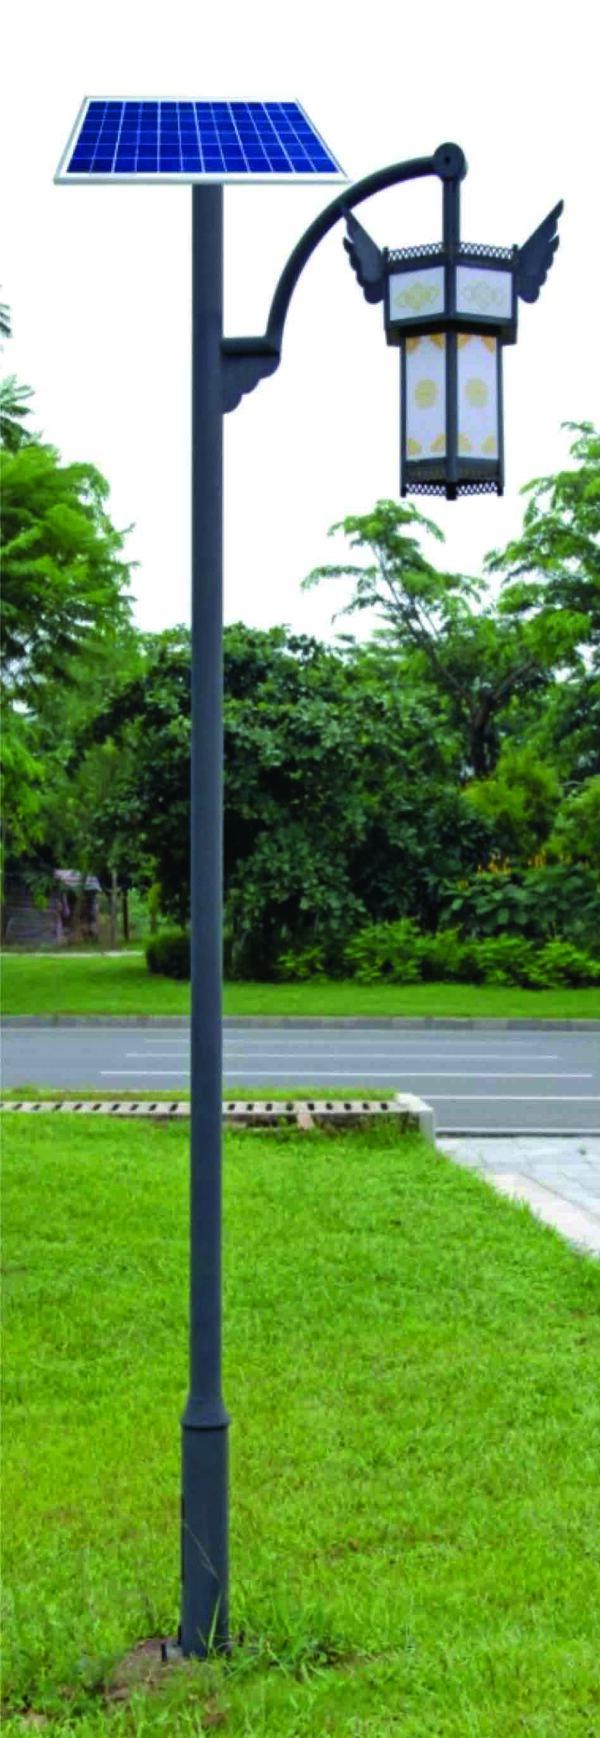 Lampu Taman Tenaga Surya Type 76901